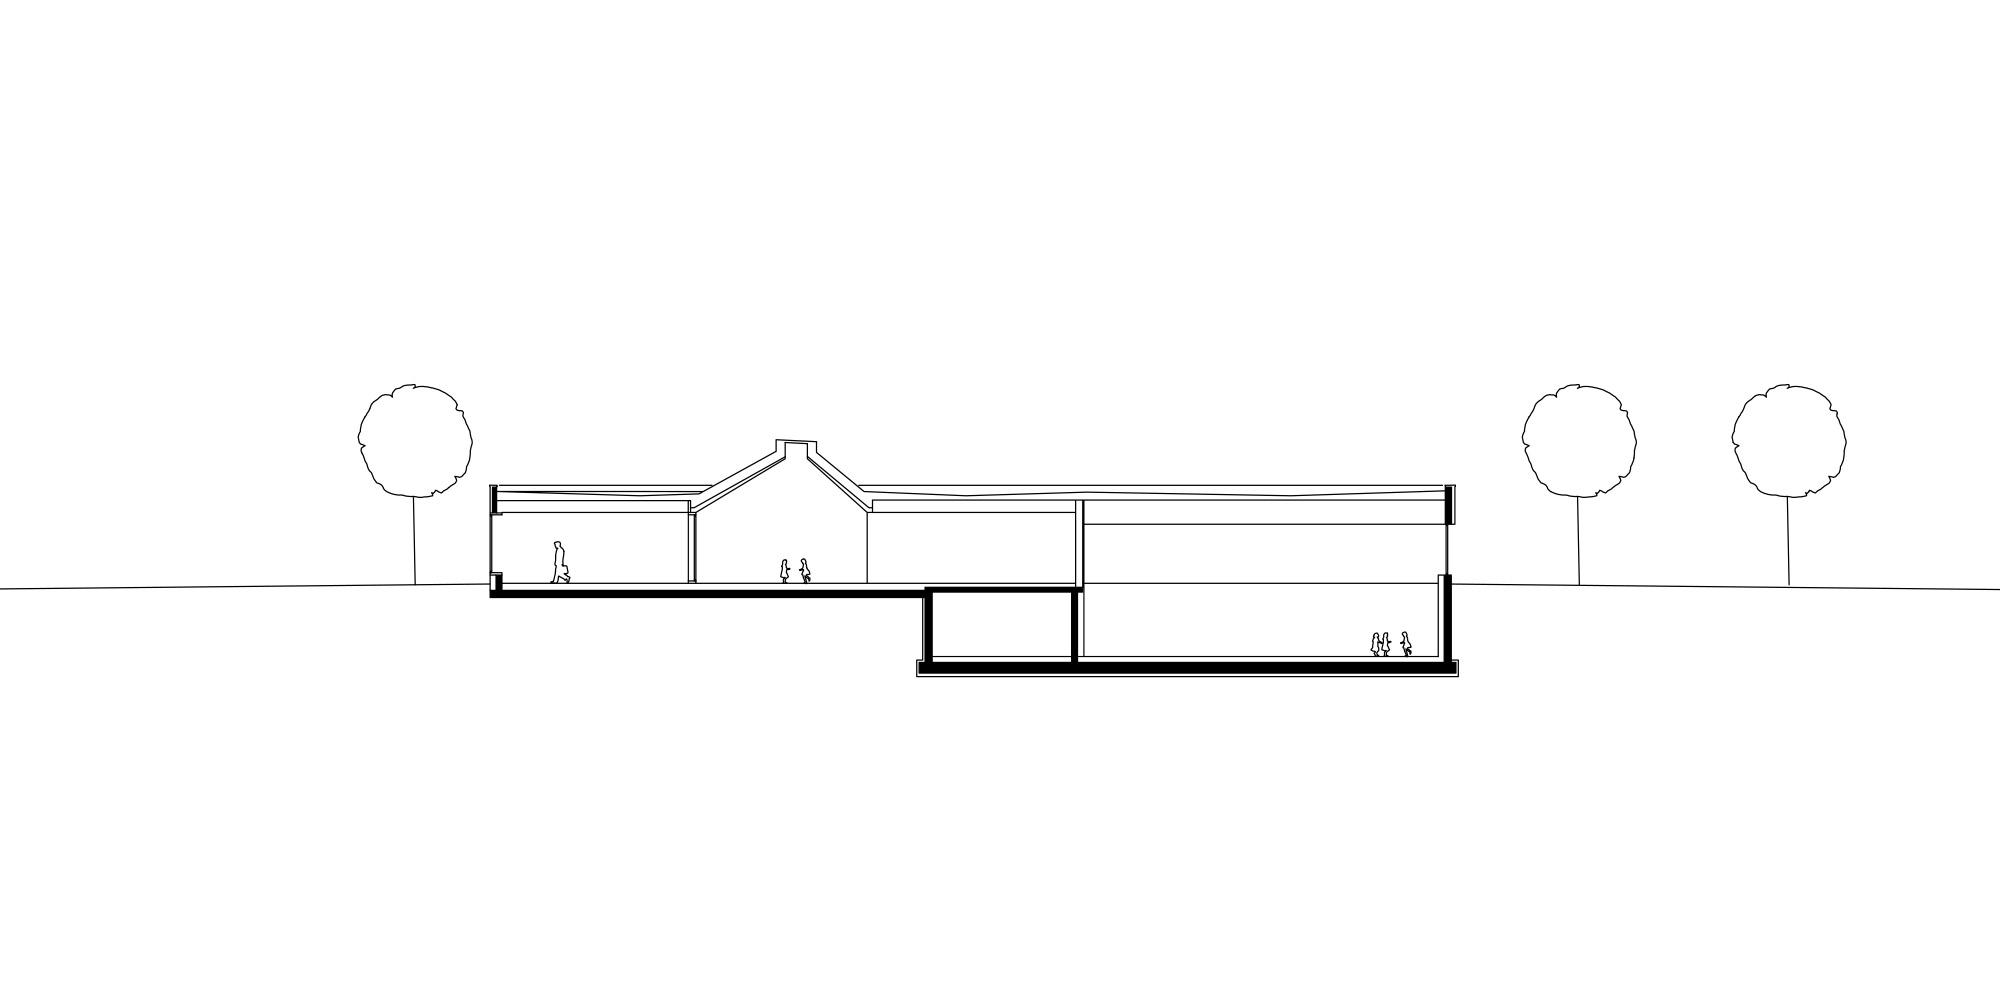 Dietrich Untertrifaller Architekten |